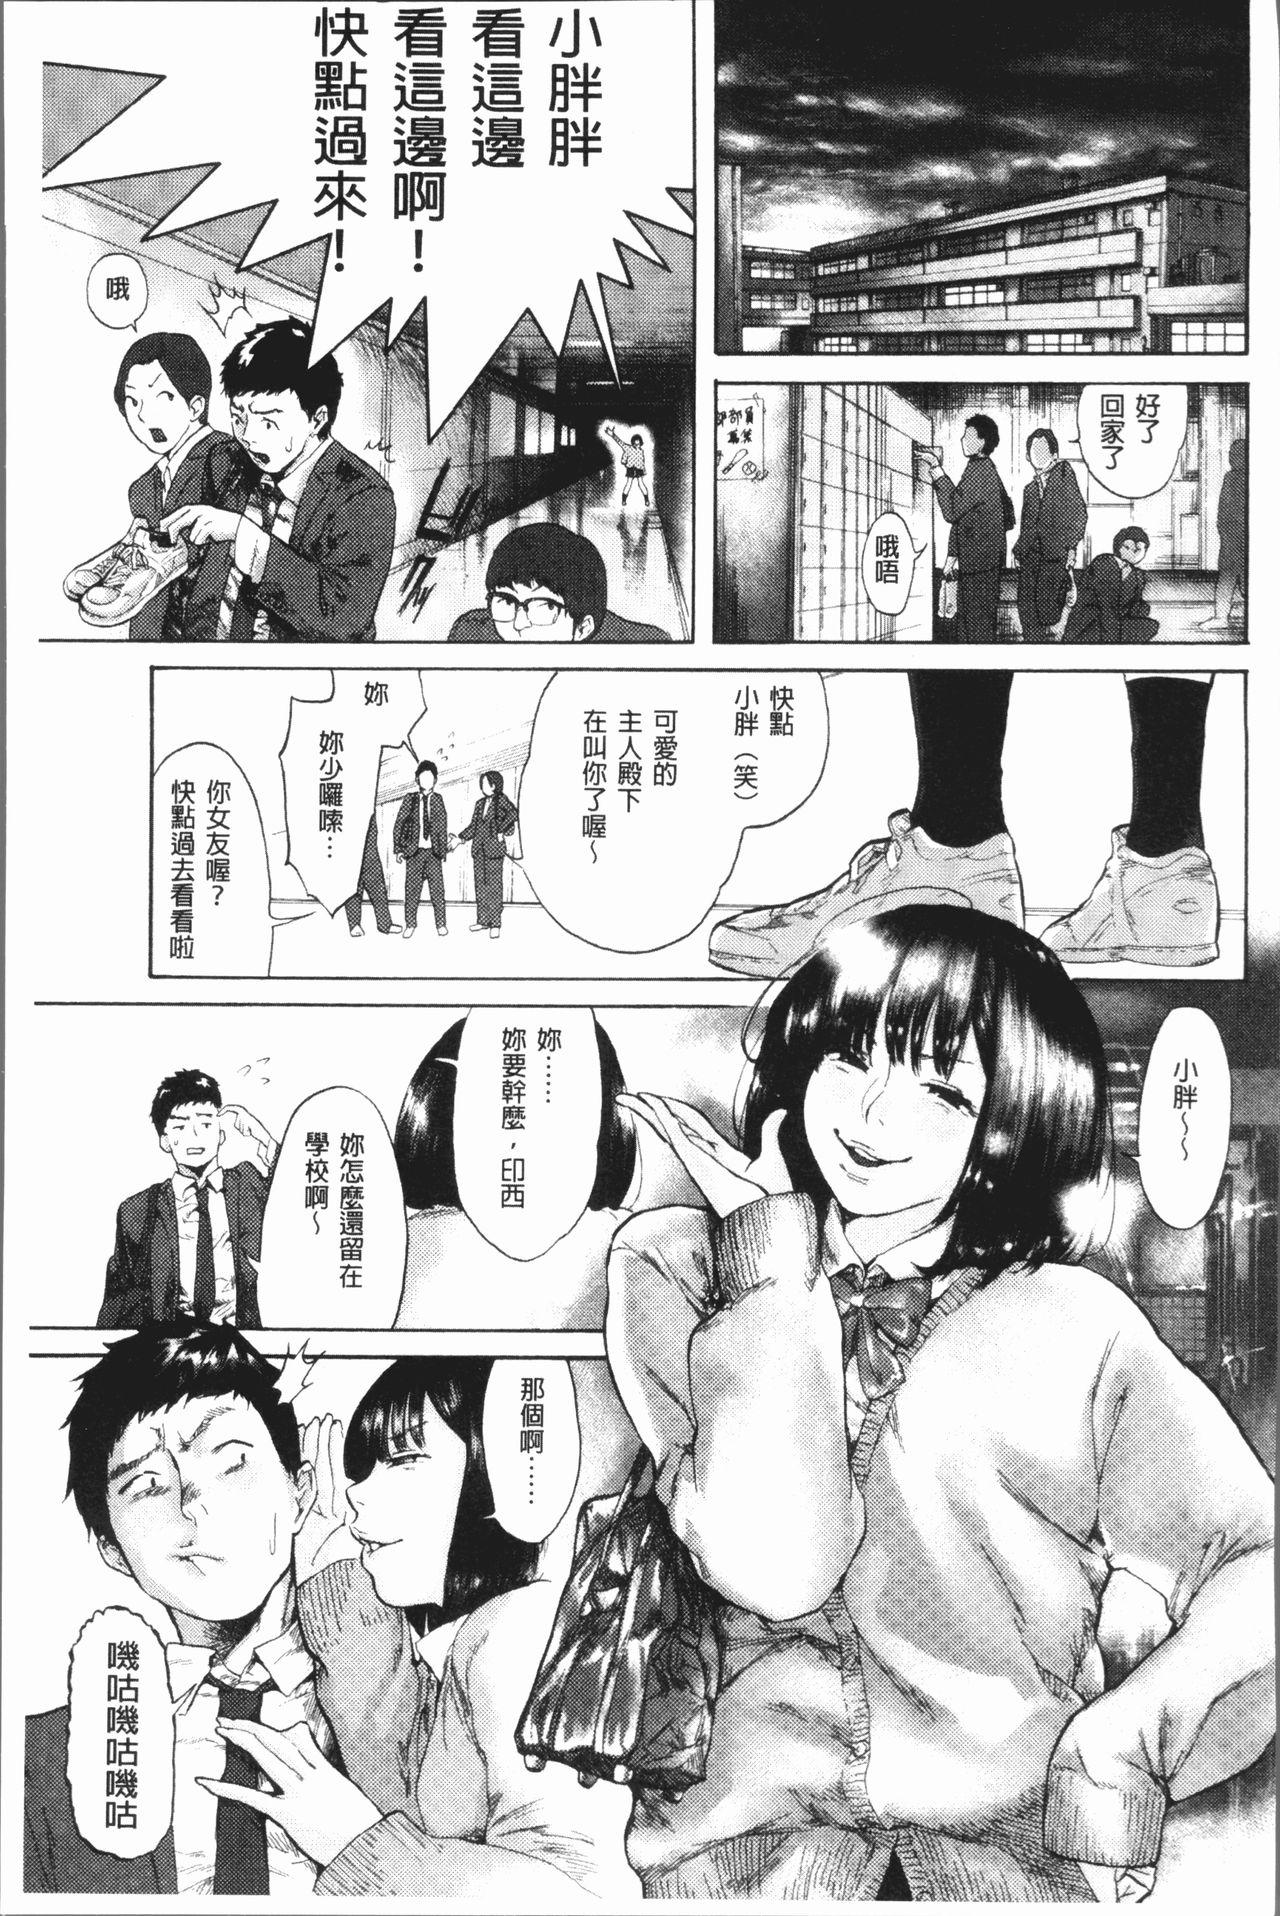 [中文a漫][べろせ] べろまん [中国翻訳] [139/197]